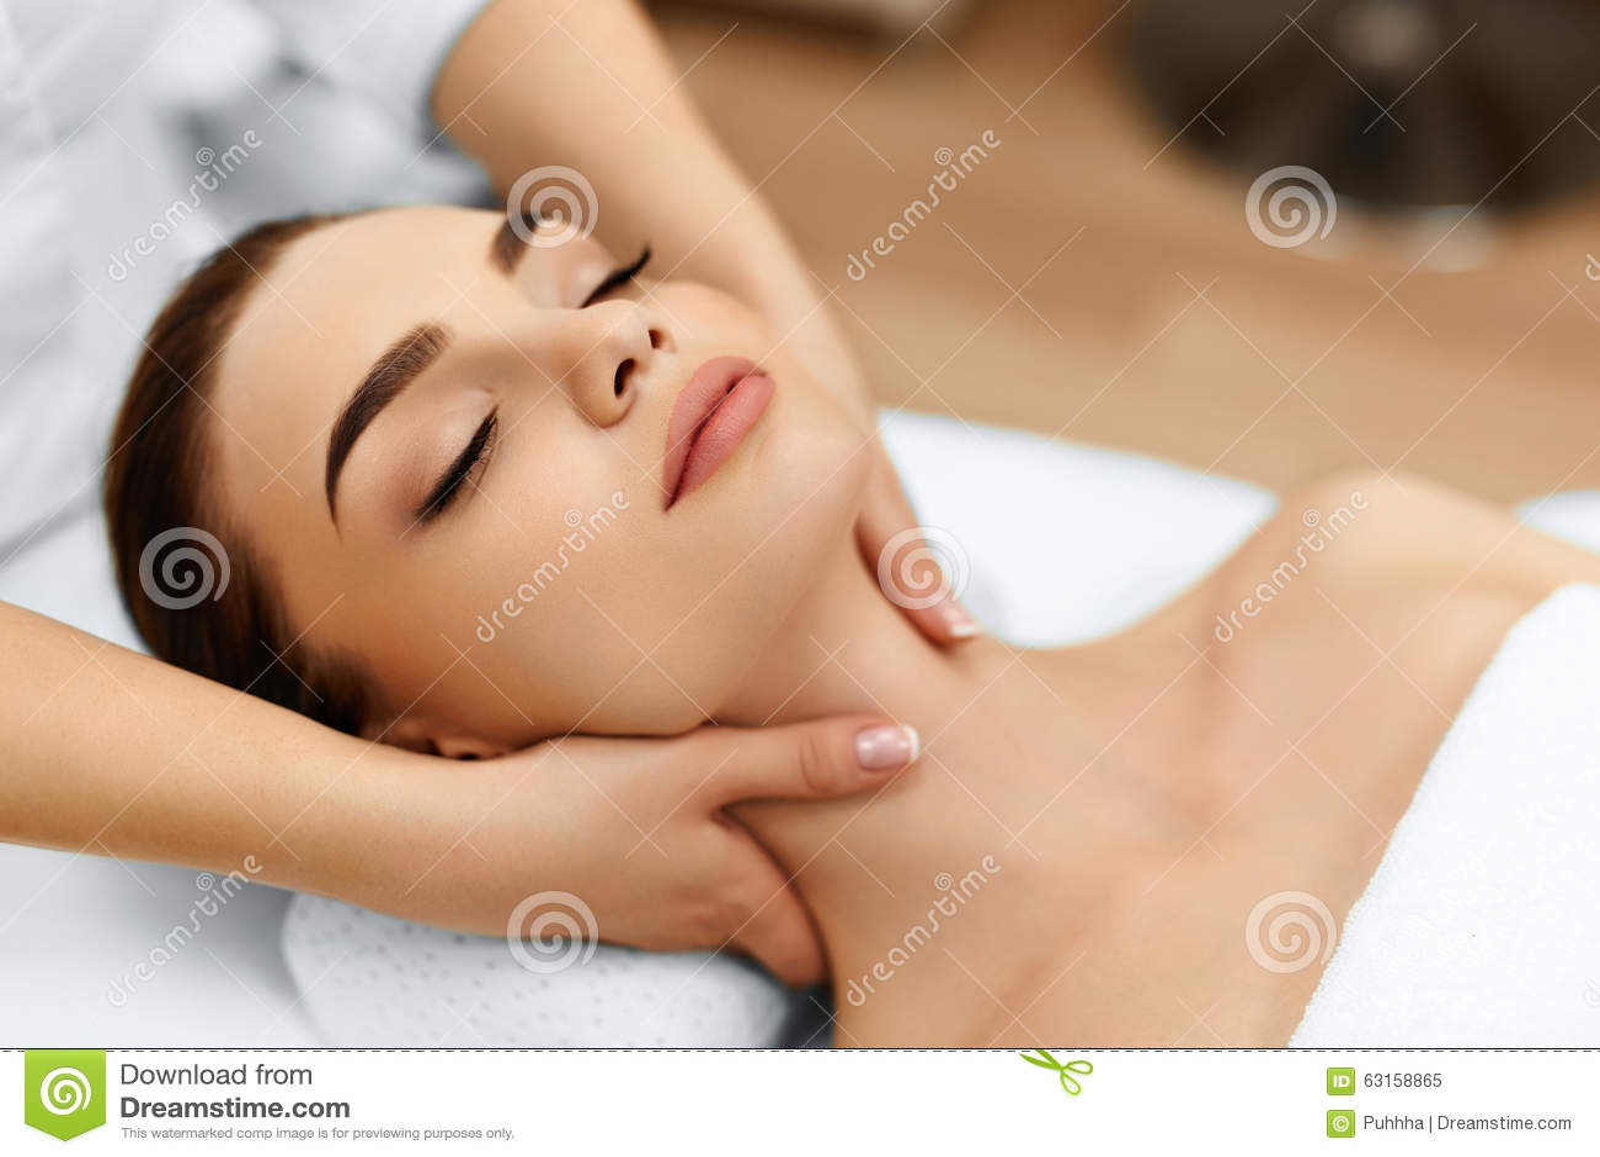 Haut, Körperpflege Frau, die Schönheits-Badekurort-Gesichts-Massage erhält Treatmen